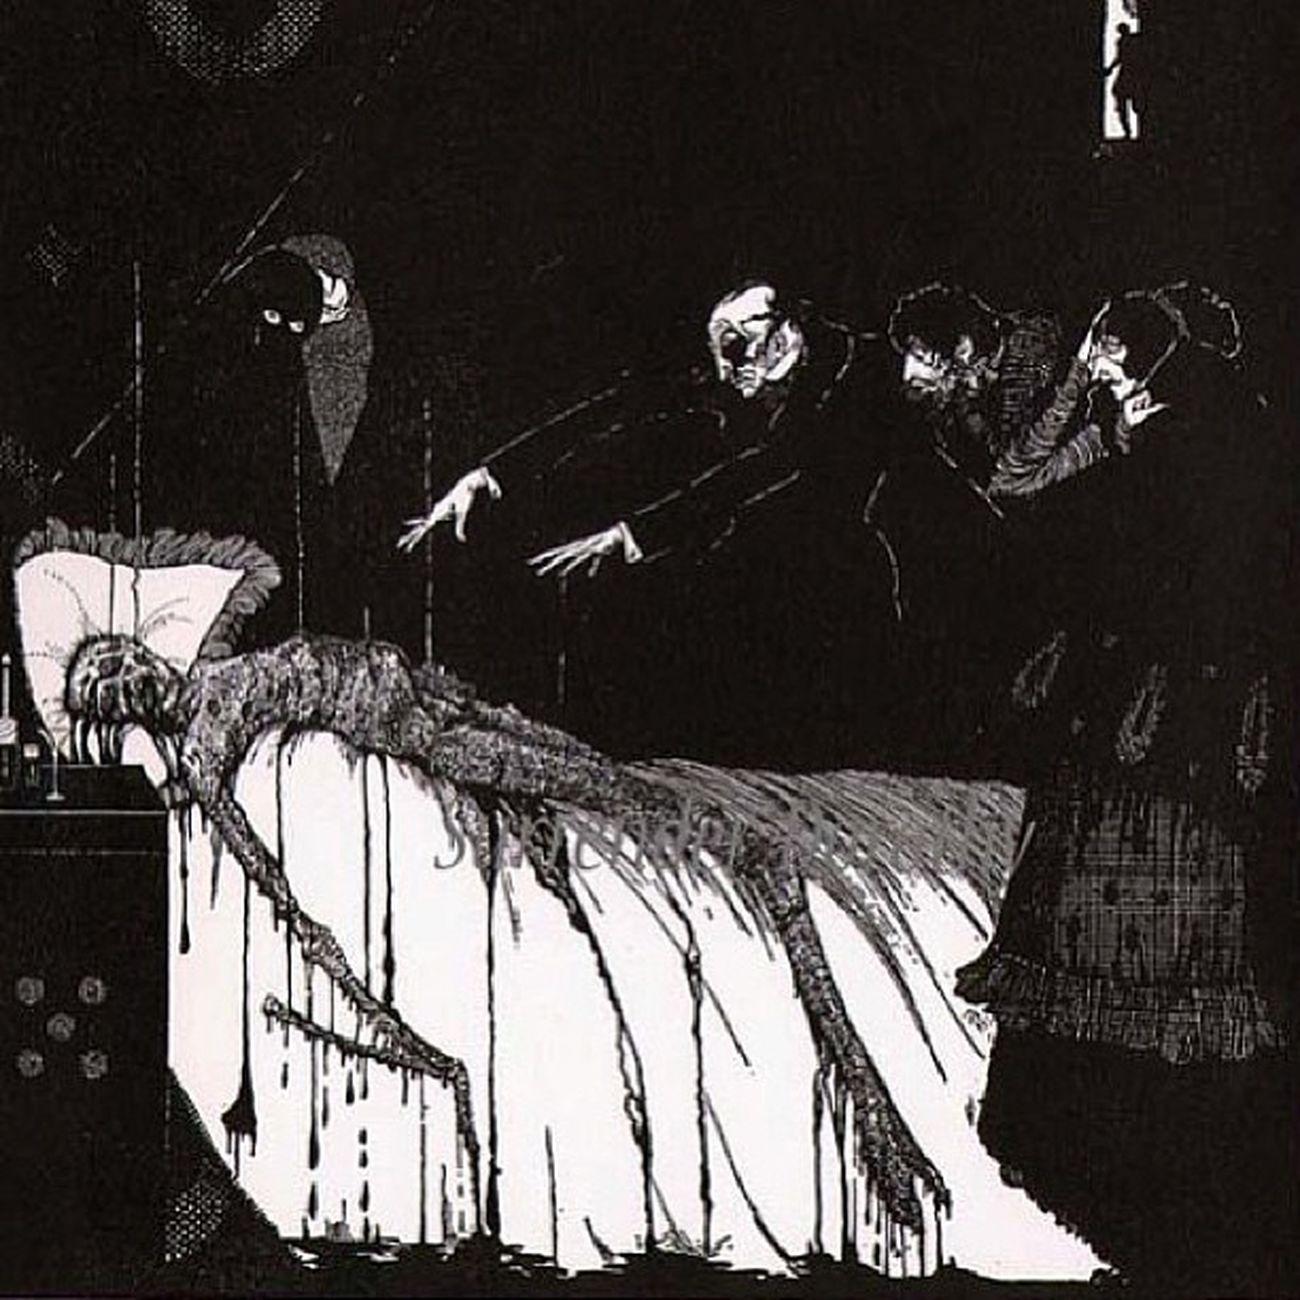 Edgaralanpoe Illustration Macabre Macabreart macabreandbeautifullygrotesque